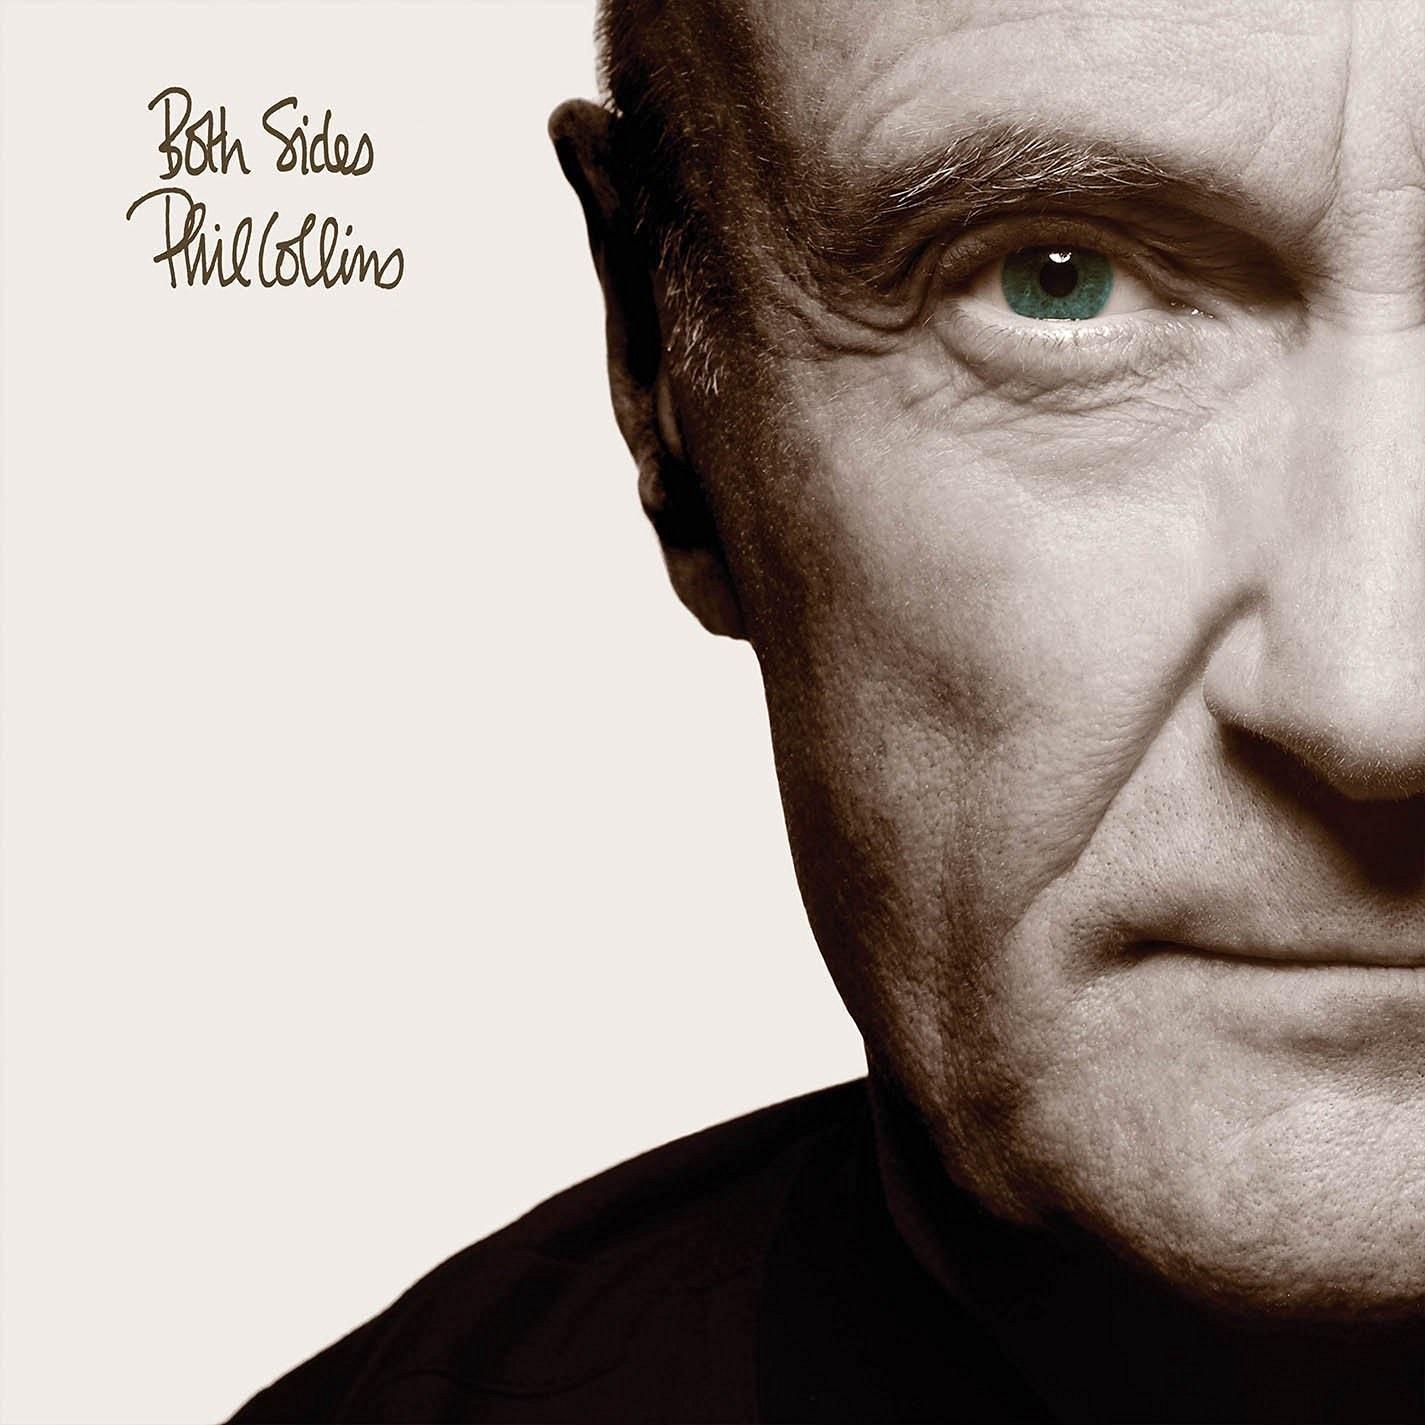 Phil Collins. Both Sides. Remastered (2 LP)Представляем вашему вниманию альбом Phil Collins. Both Sides. Remastered, ремастеринговое издание пятого студийного альбома британского певца и композитора Фила Коллинза.<br>